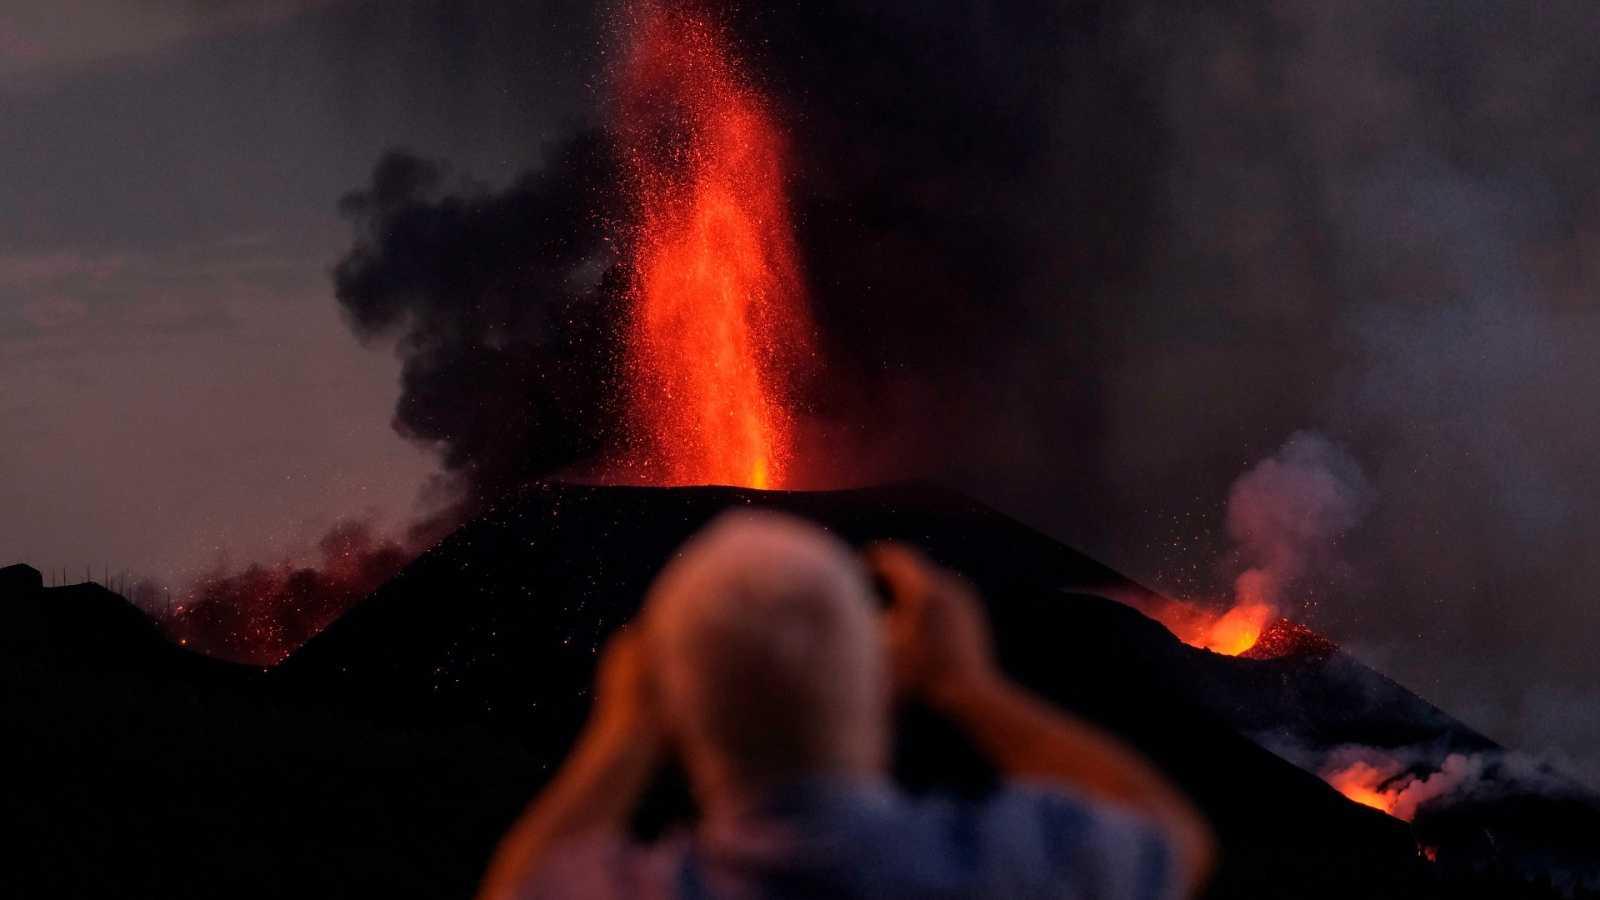 El volcán en Cumbre Vieja, en La Palma, sigue expulsando lava sin cesar